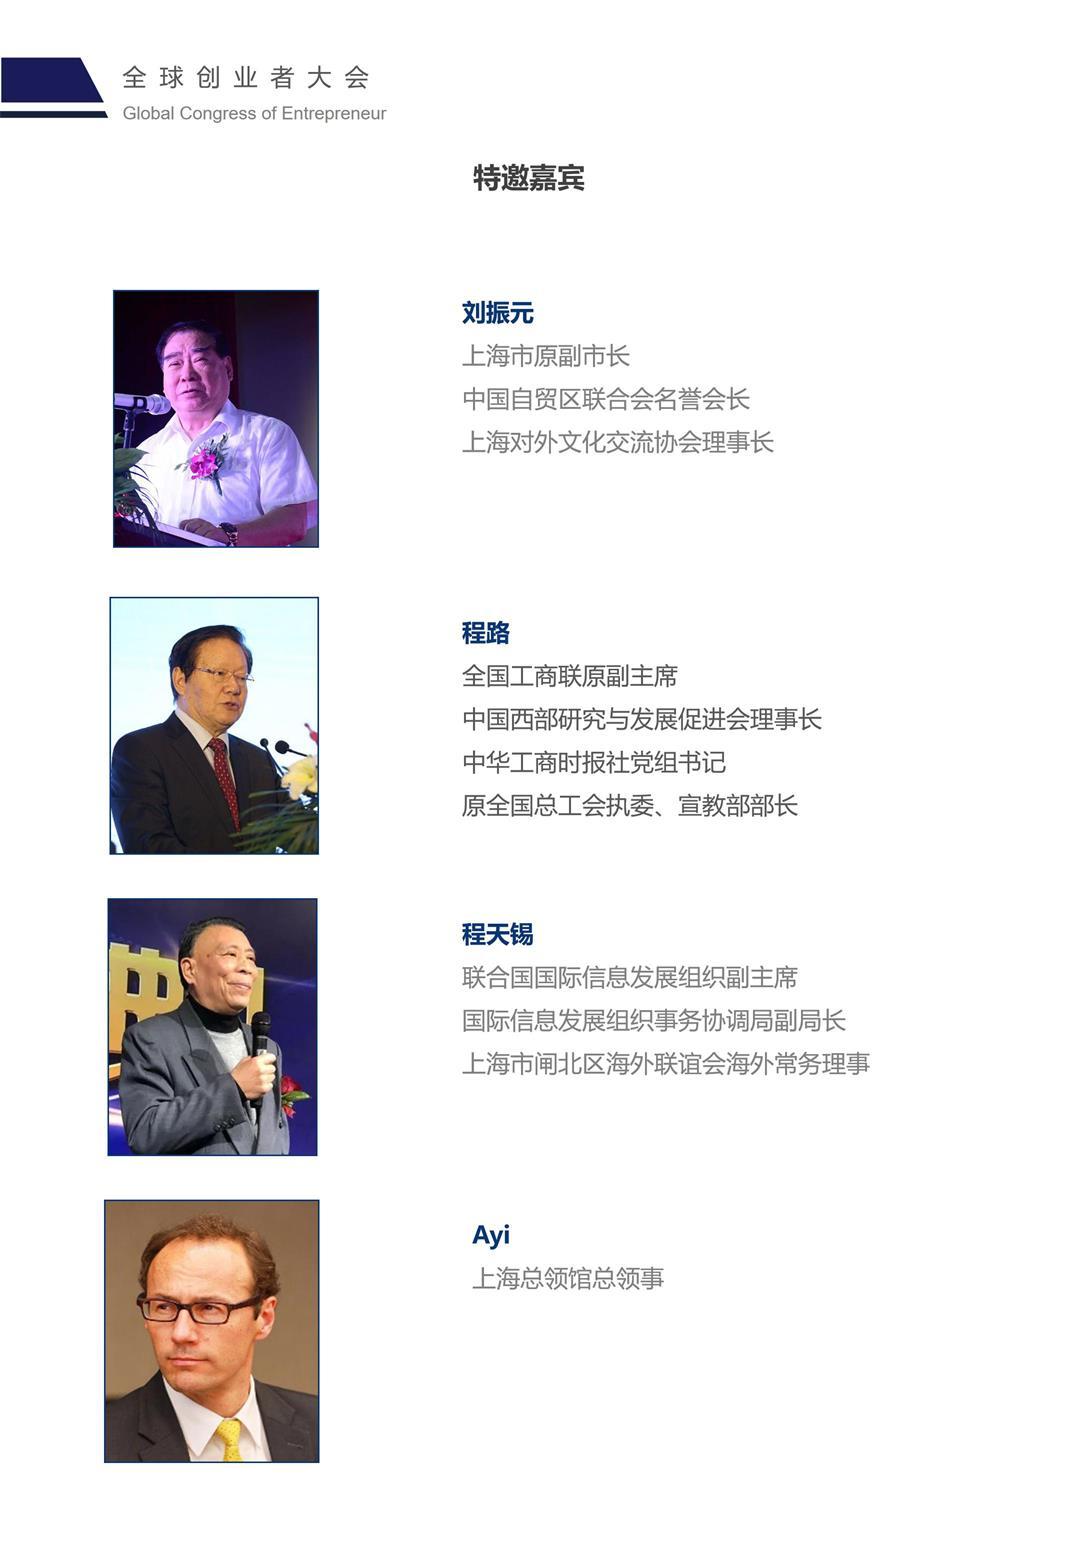 全球创新者大会-社交营销峰会(邀请函)_03.jpg